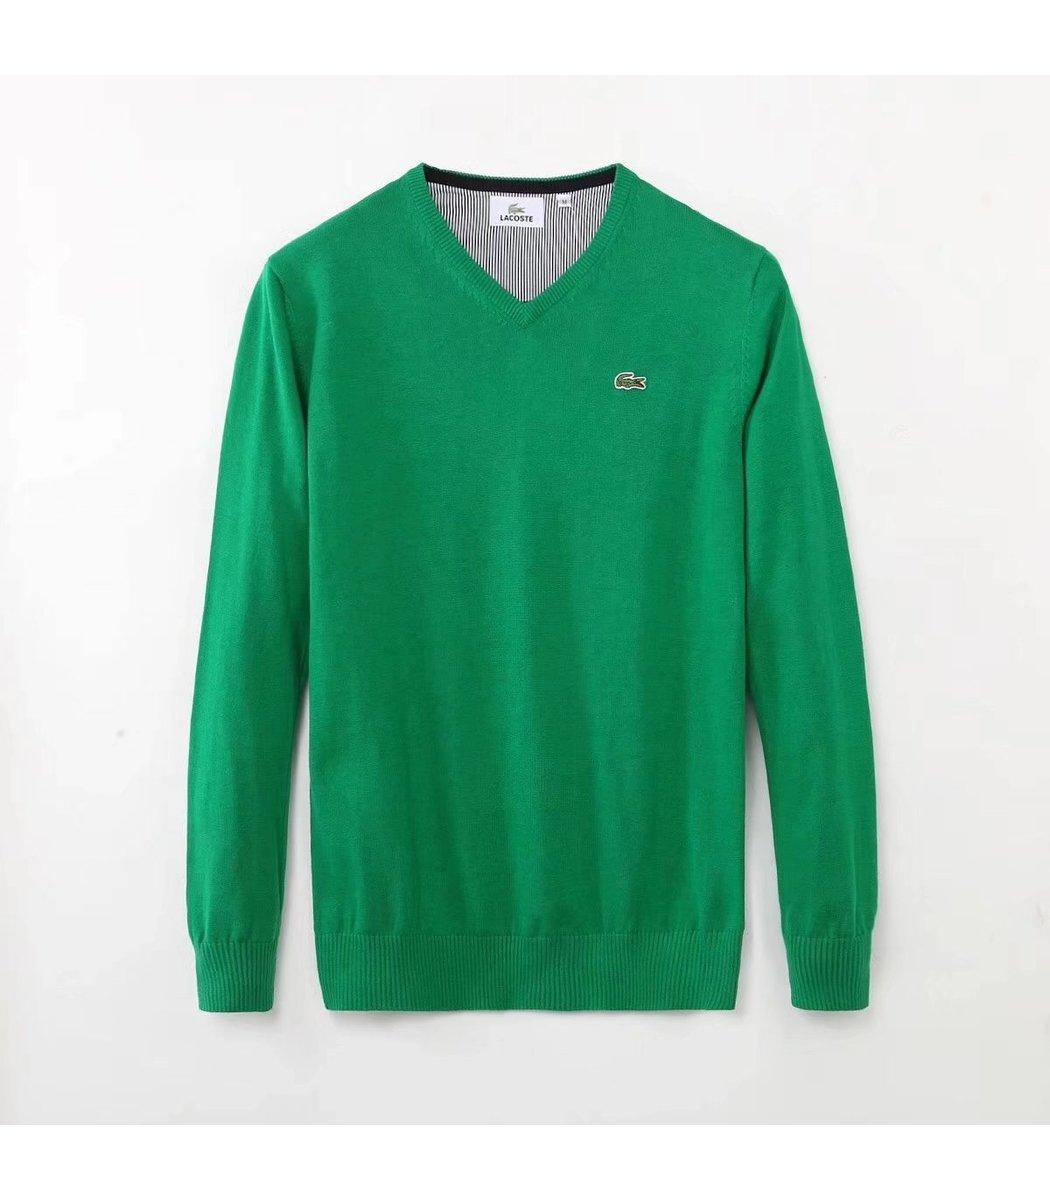 Зеленый пуловер Lacoste VL3